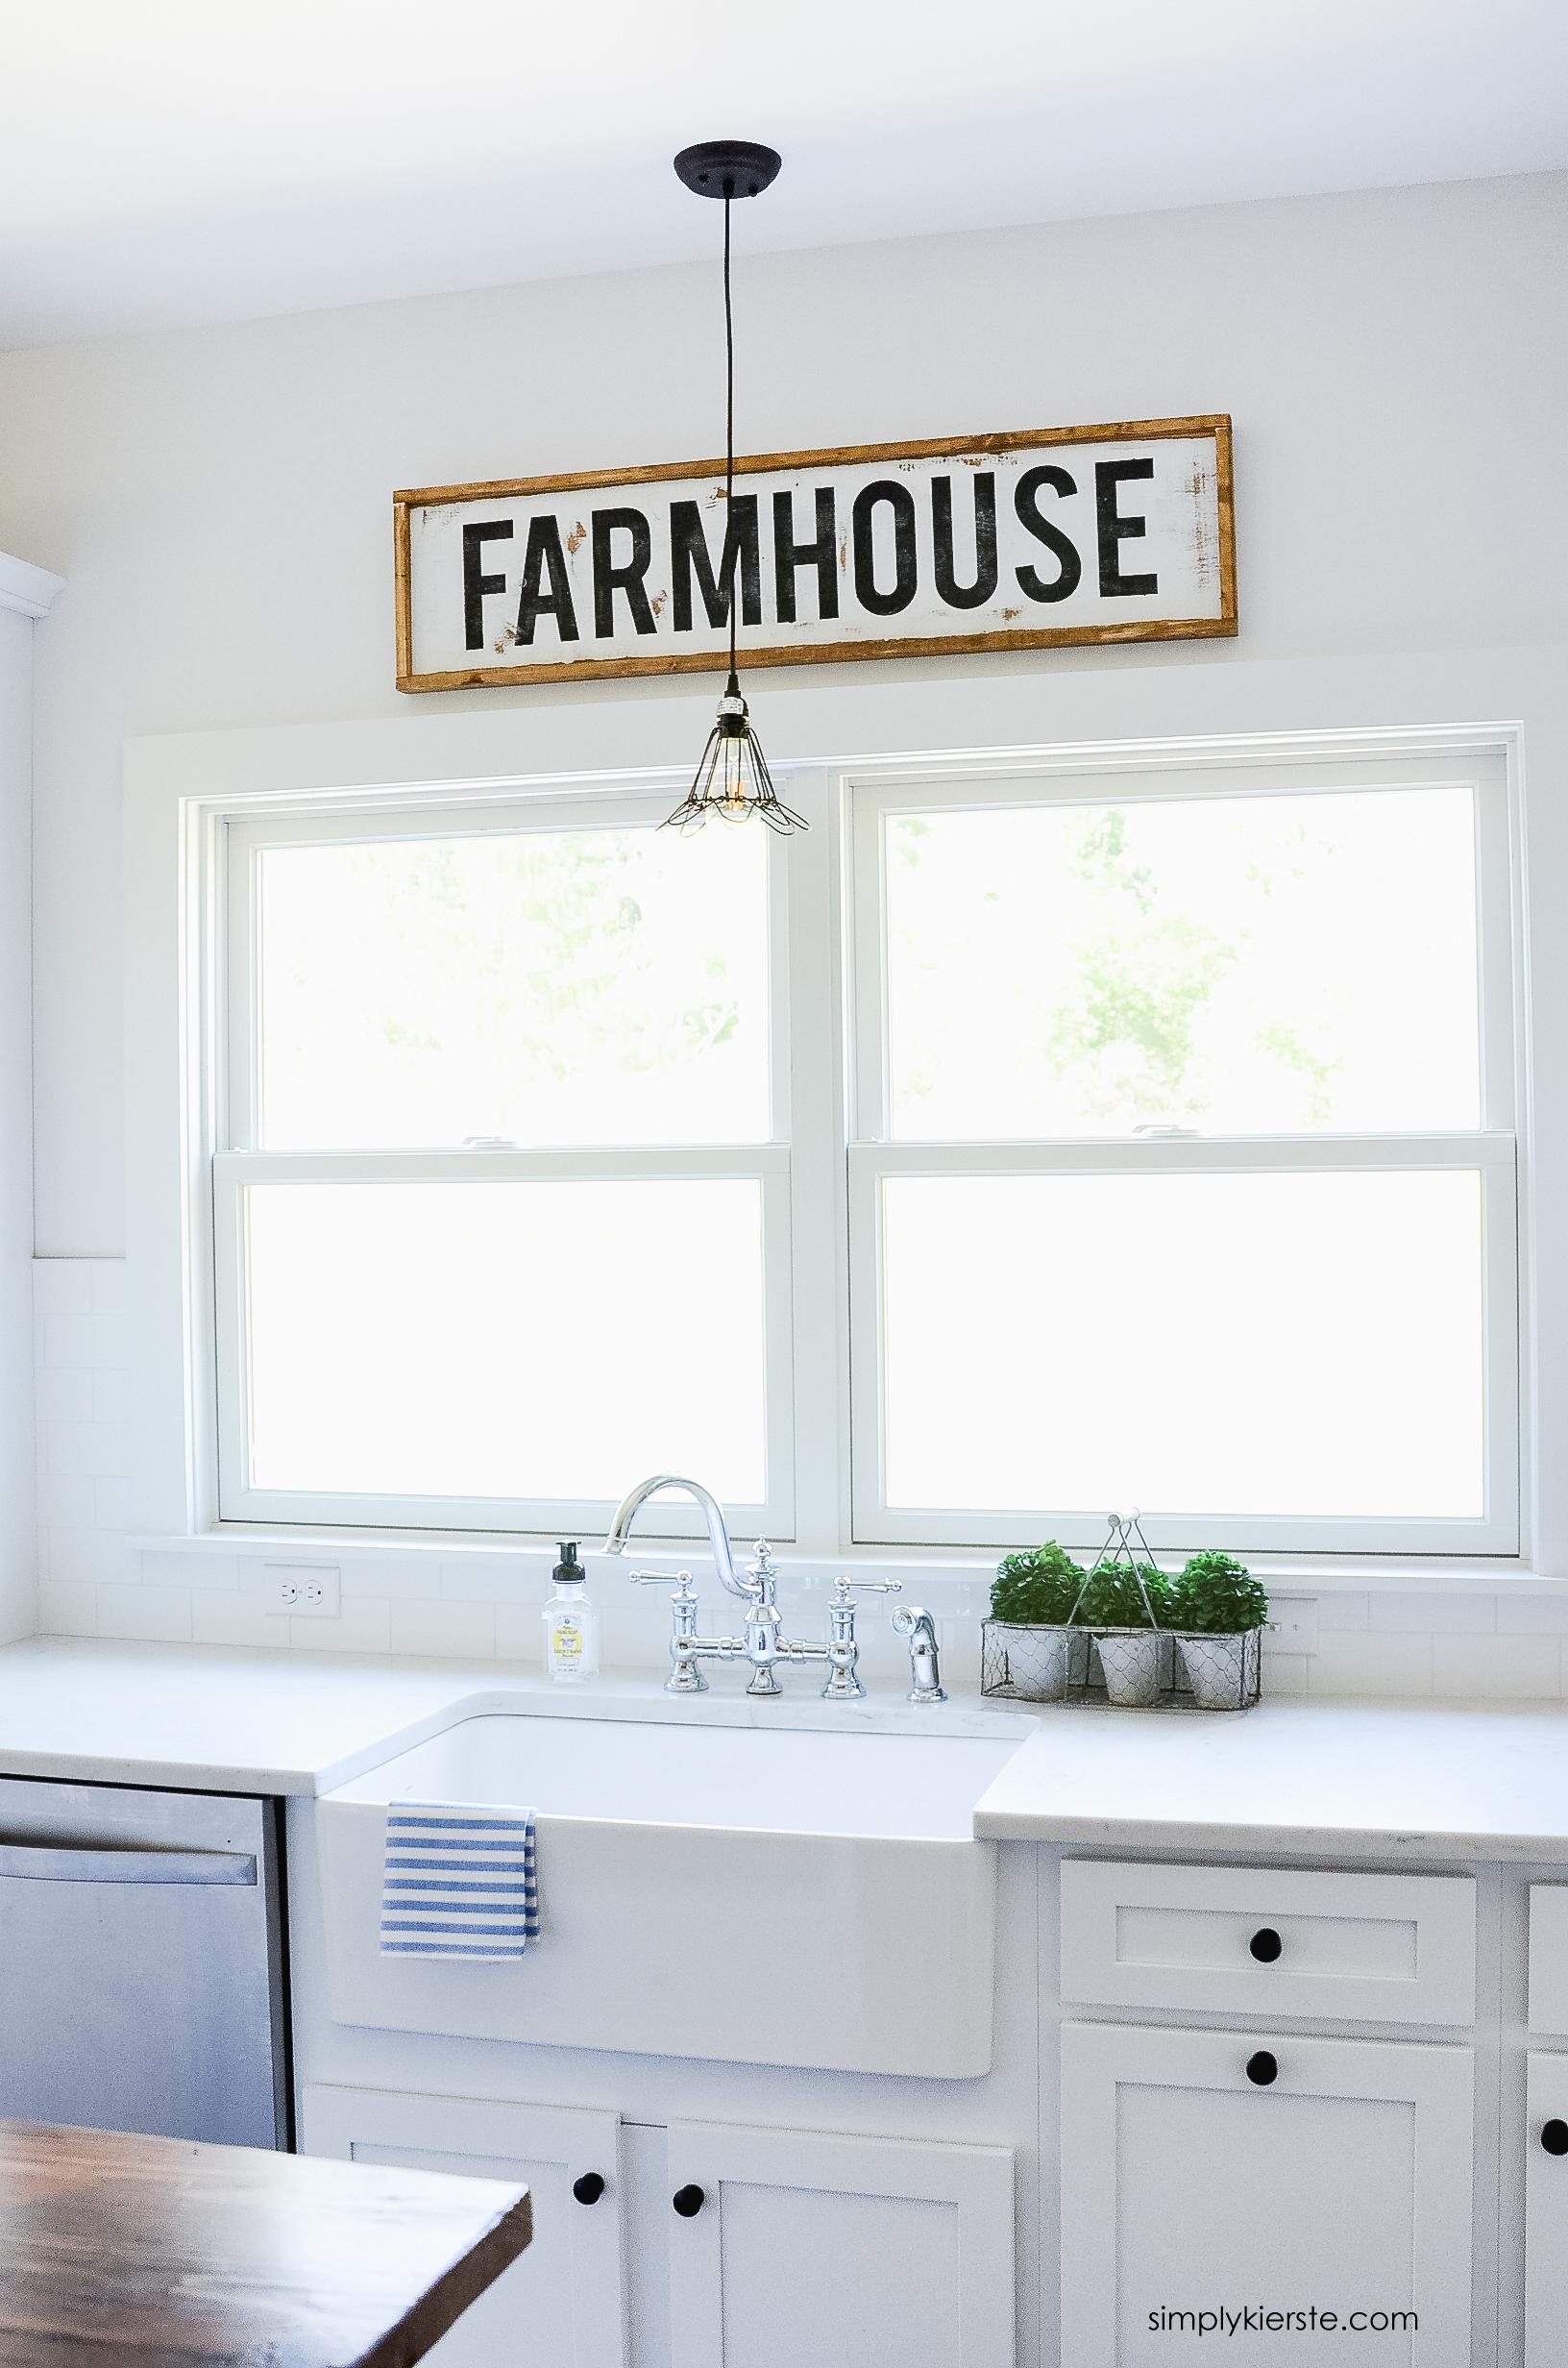 Diy framed wood farmhouse sign simply kierste design co diy wood framed farmhouse sign simplykierste solutioingenieria Images